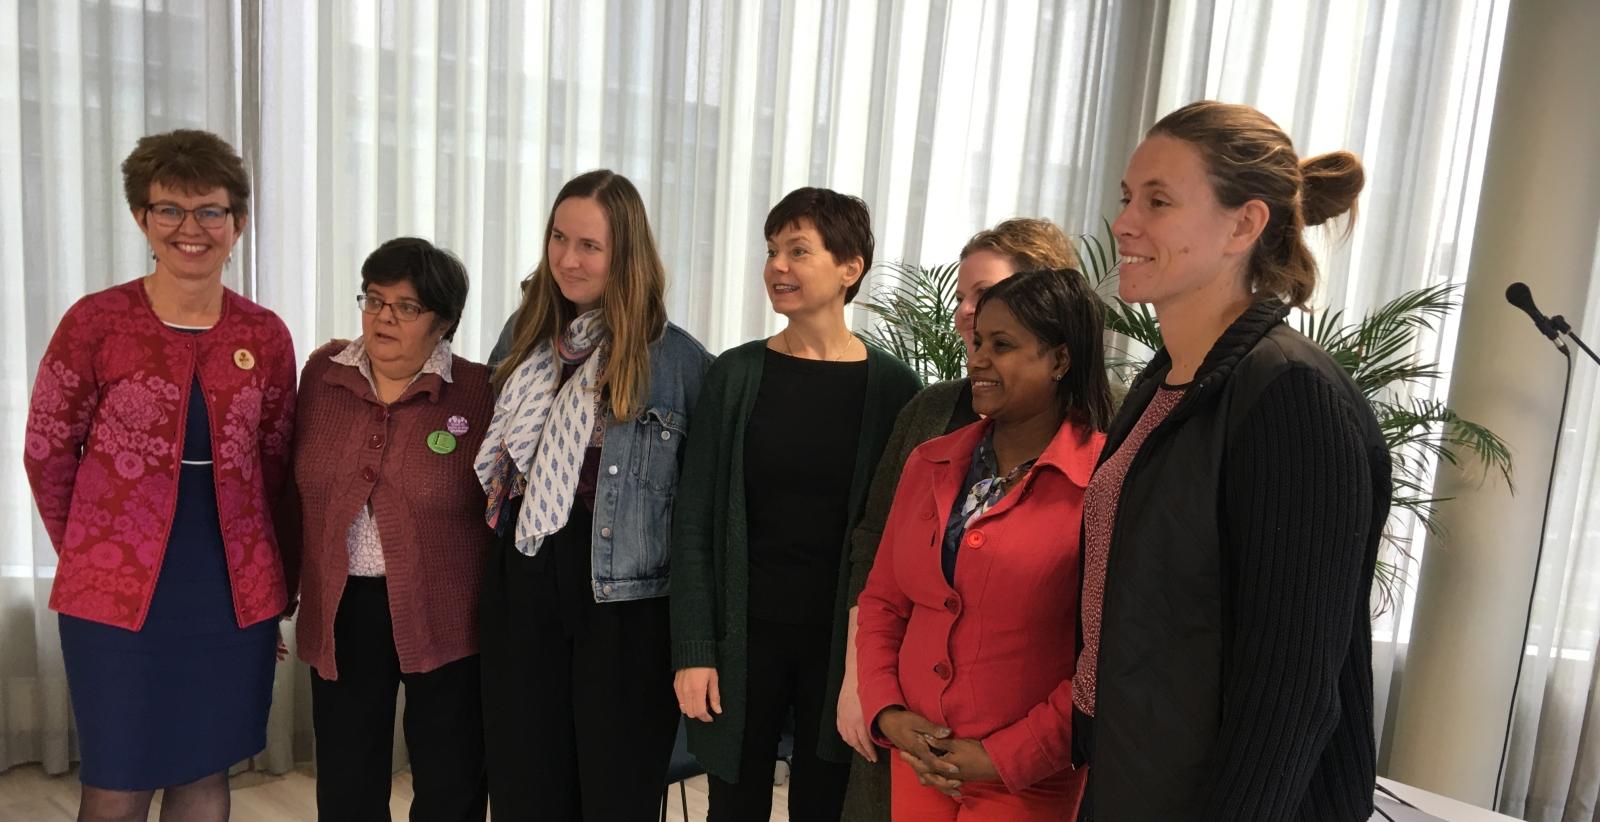 Innledere og deltakere på kvinnekonferansen. Fra venstre: Kathrine Kleveland, leder i Nei til EU; Ana Azaria, leder av franske Femmes Égalité, Reidun Heggen Berntsen, leder av Ungdom mot EU; Margaret Eide Hillestad, leder av kvinneutvalget i Nei til EU; Cathrine Pedersen, Kvinder i Kamp, Danmark; Carmen Freire; Katia Steinhart fra Femmes Égalité.